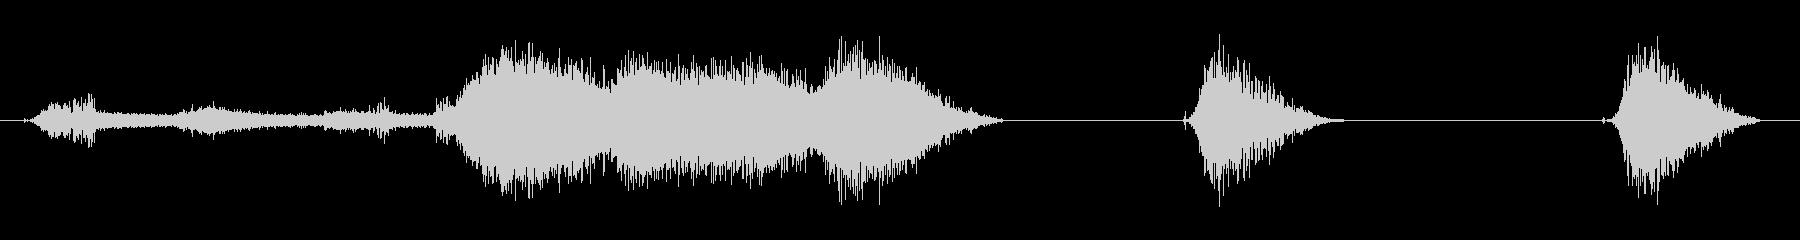 ドリル、インパクト、ランニングx3の未再生の波形